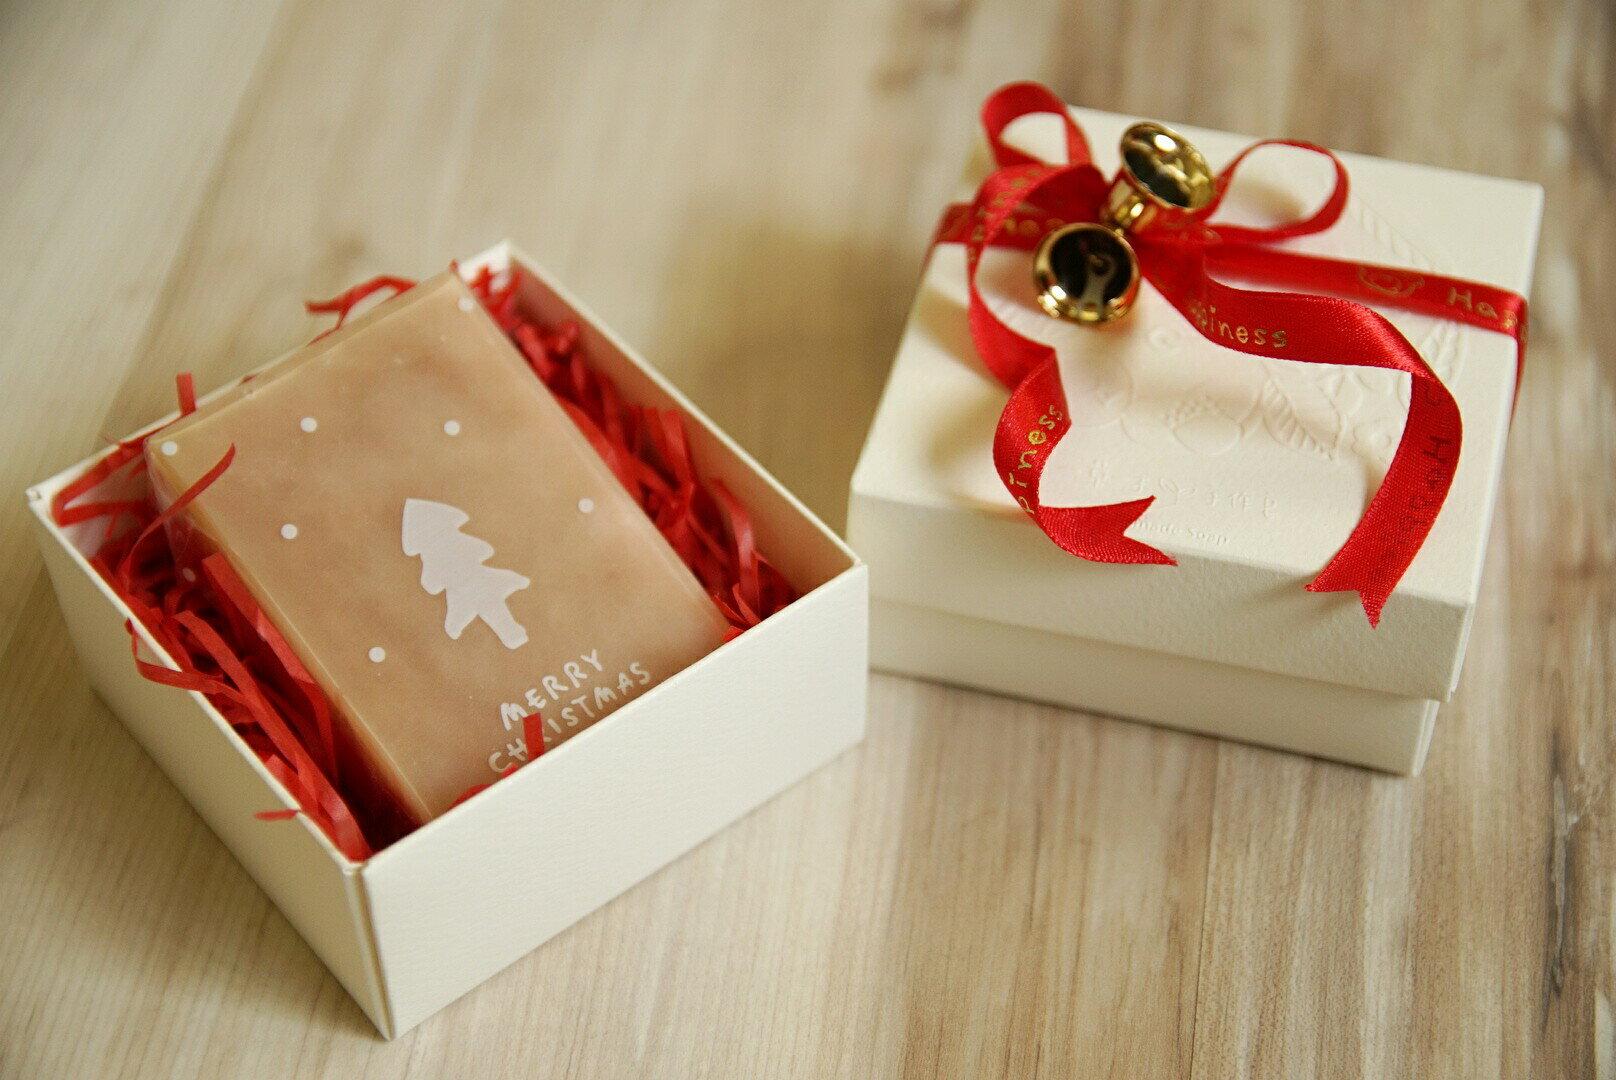 【一草一木】~ 聖誕節 手工皂禮盒(單塊裝)~天然.無毒.環保 (聖誕節交換禮物首選)